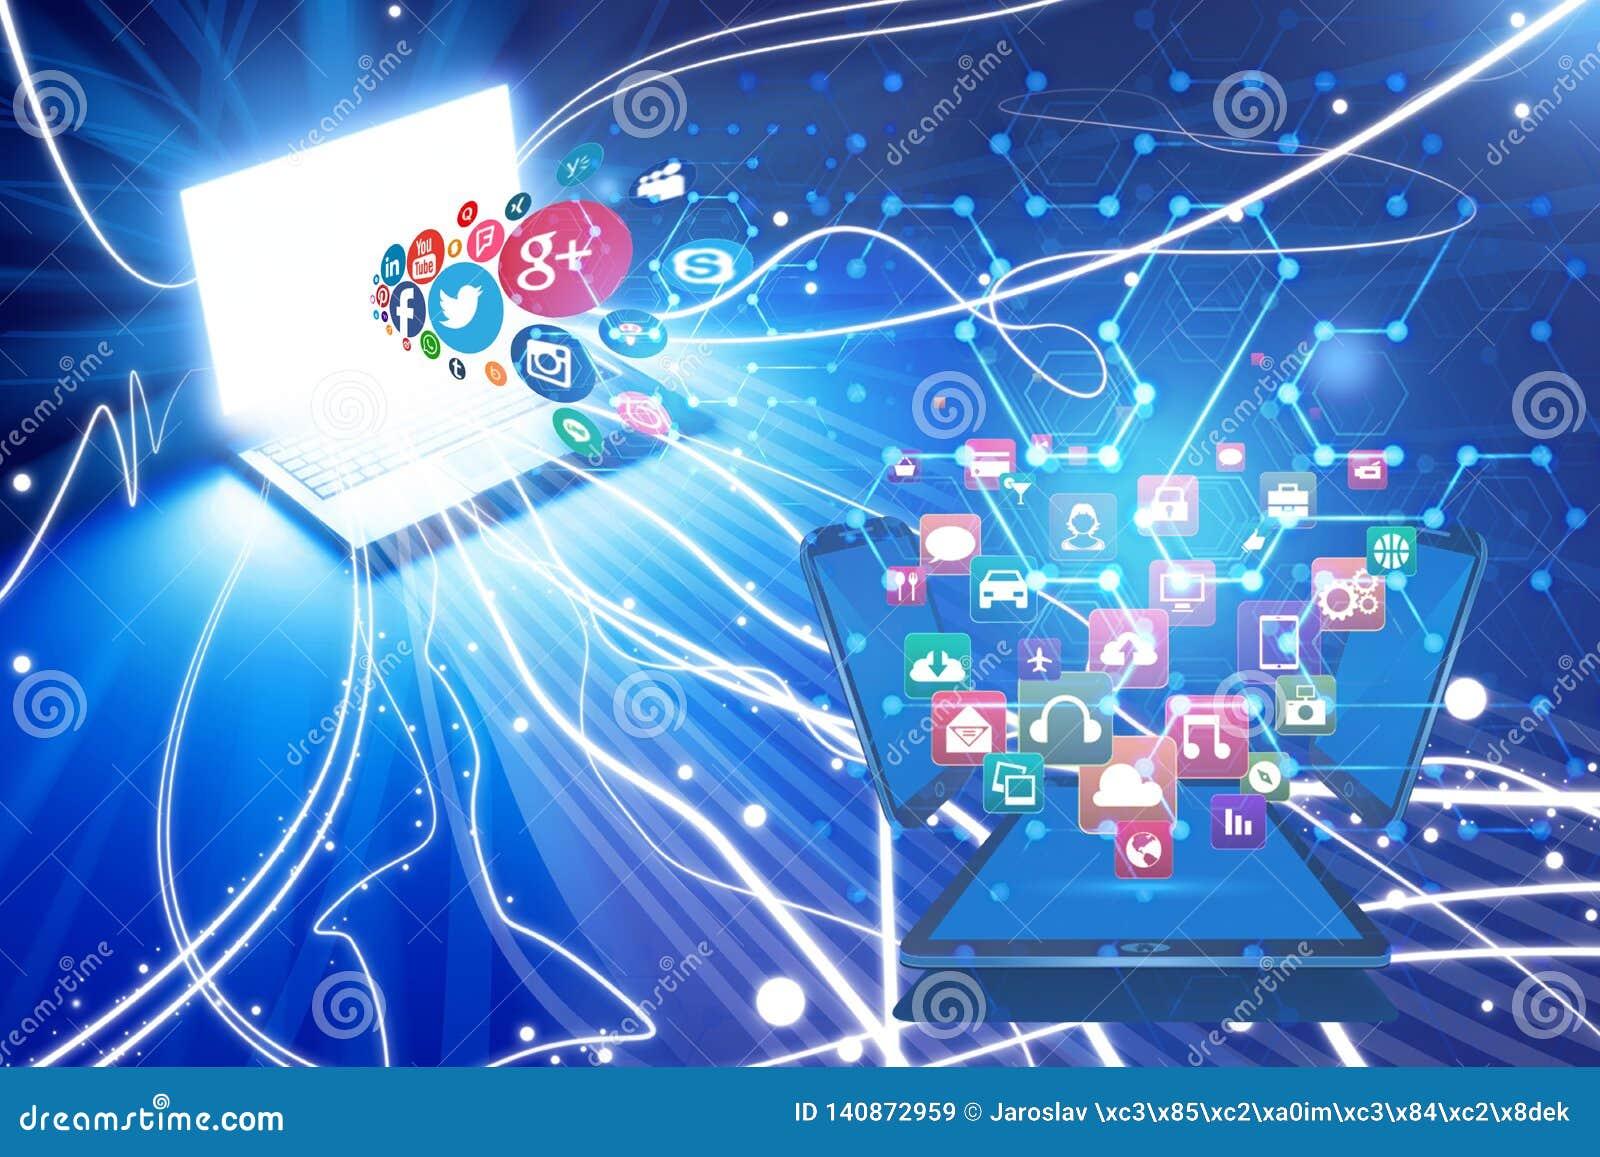 Μη προστατευμέή διαφυγή των ιδιωτικών πληροφοριών πέρα από τα κοινωνικά δίκτυα